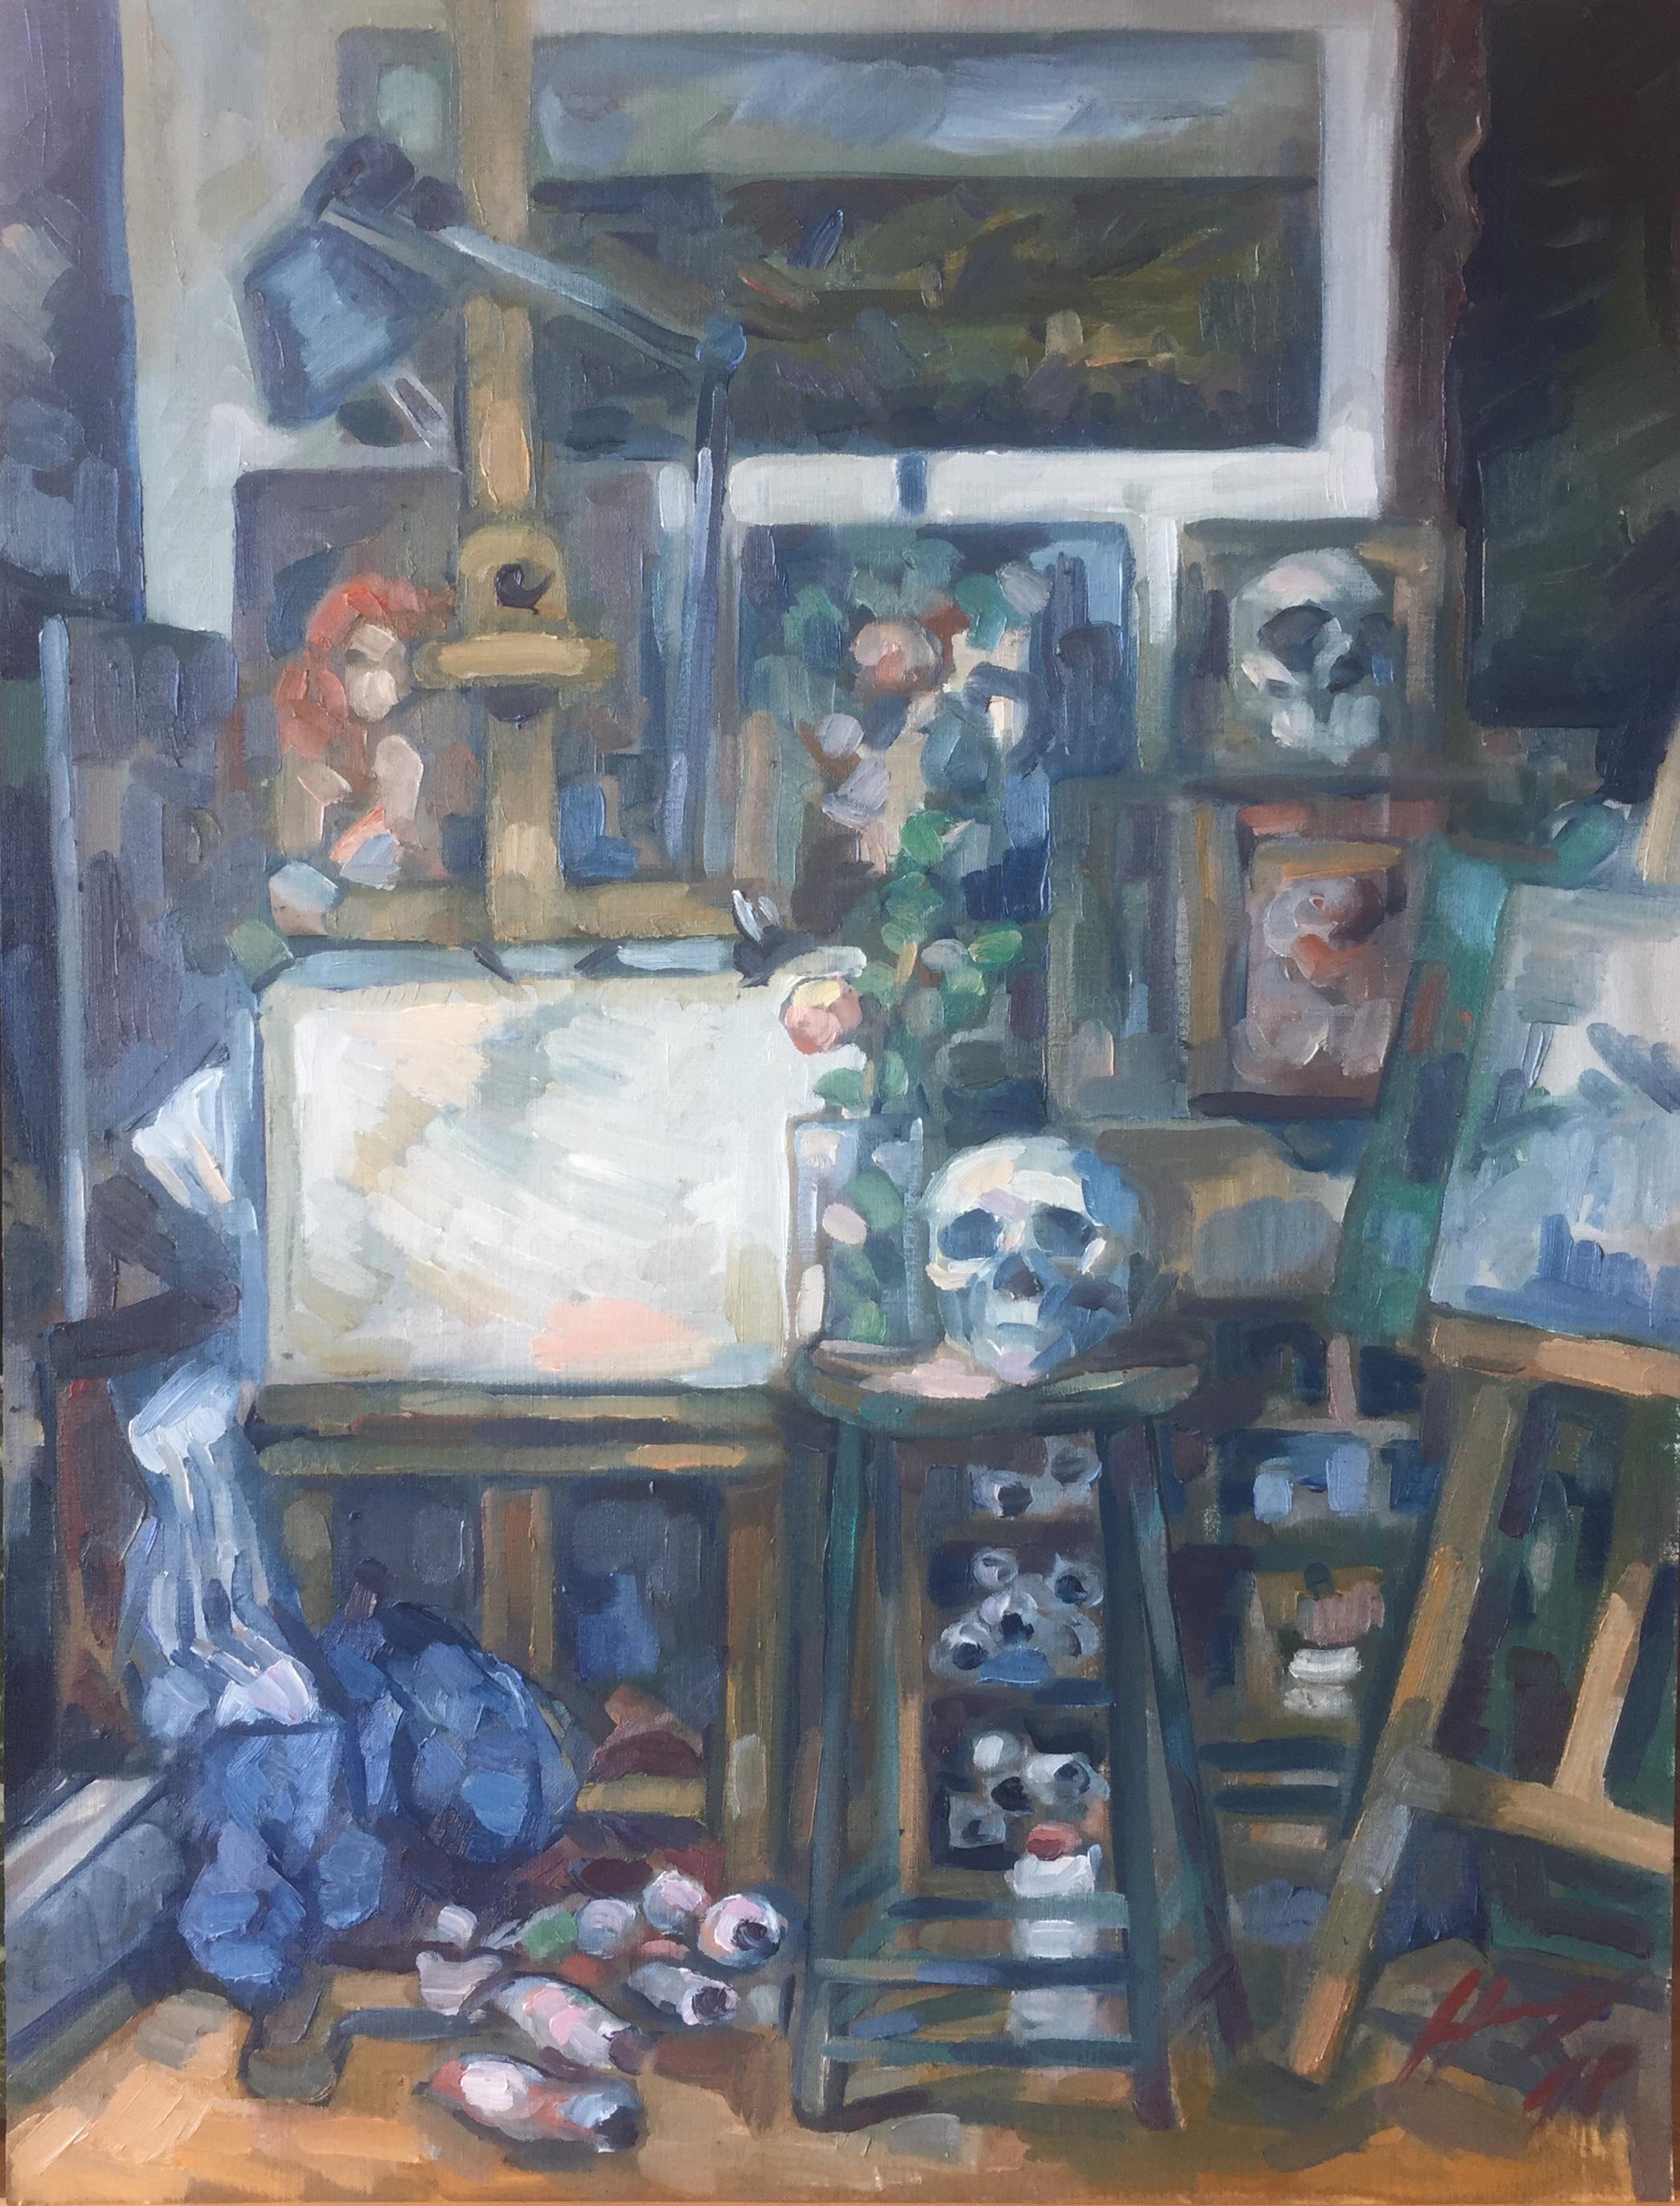 Interieurs 10 tome 2 ou l'amour et le crâne peinture à l'huile